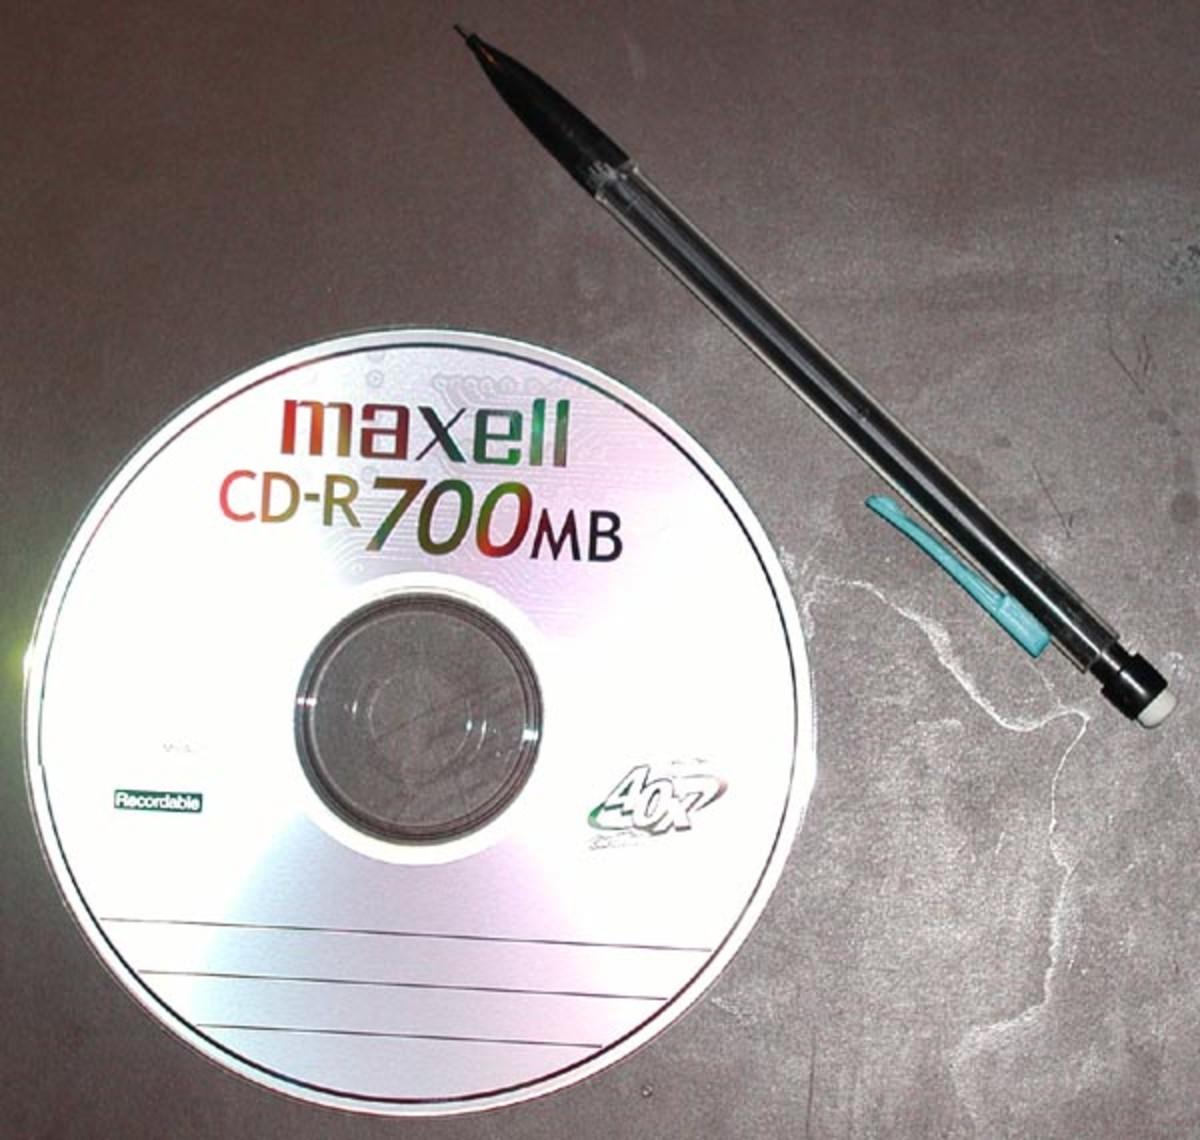 A CD-R